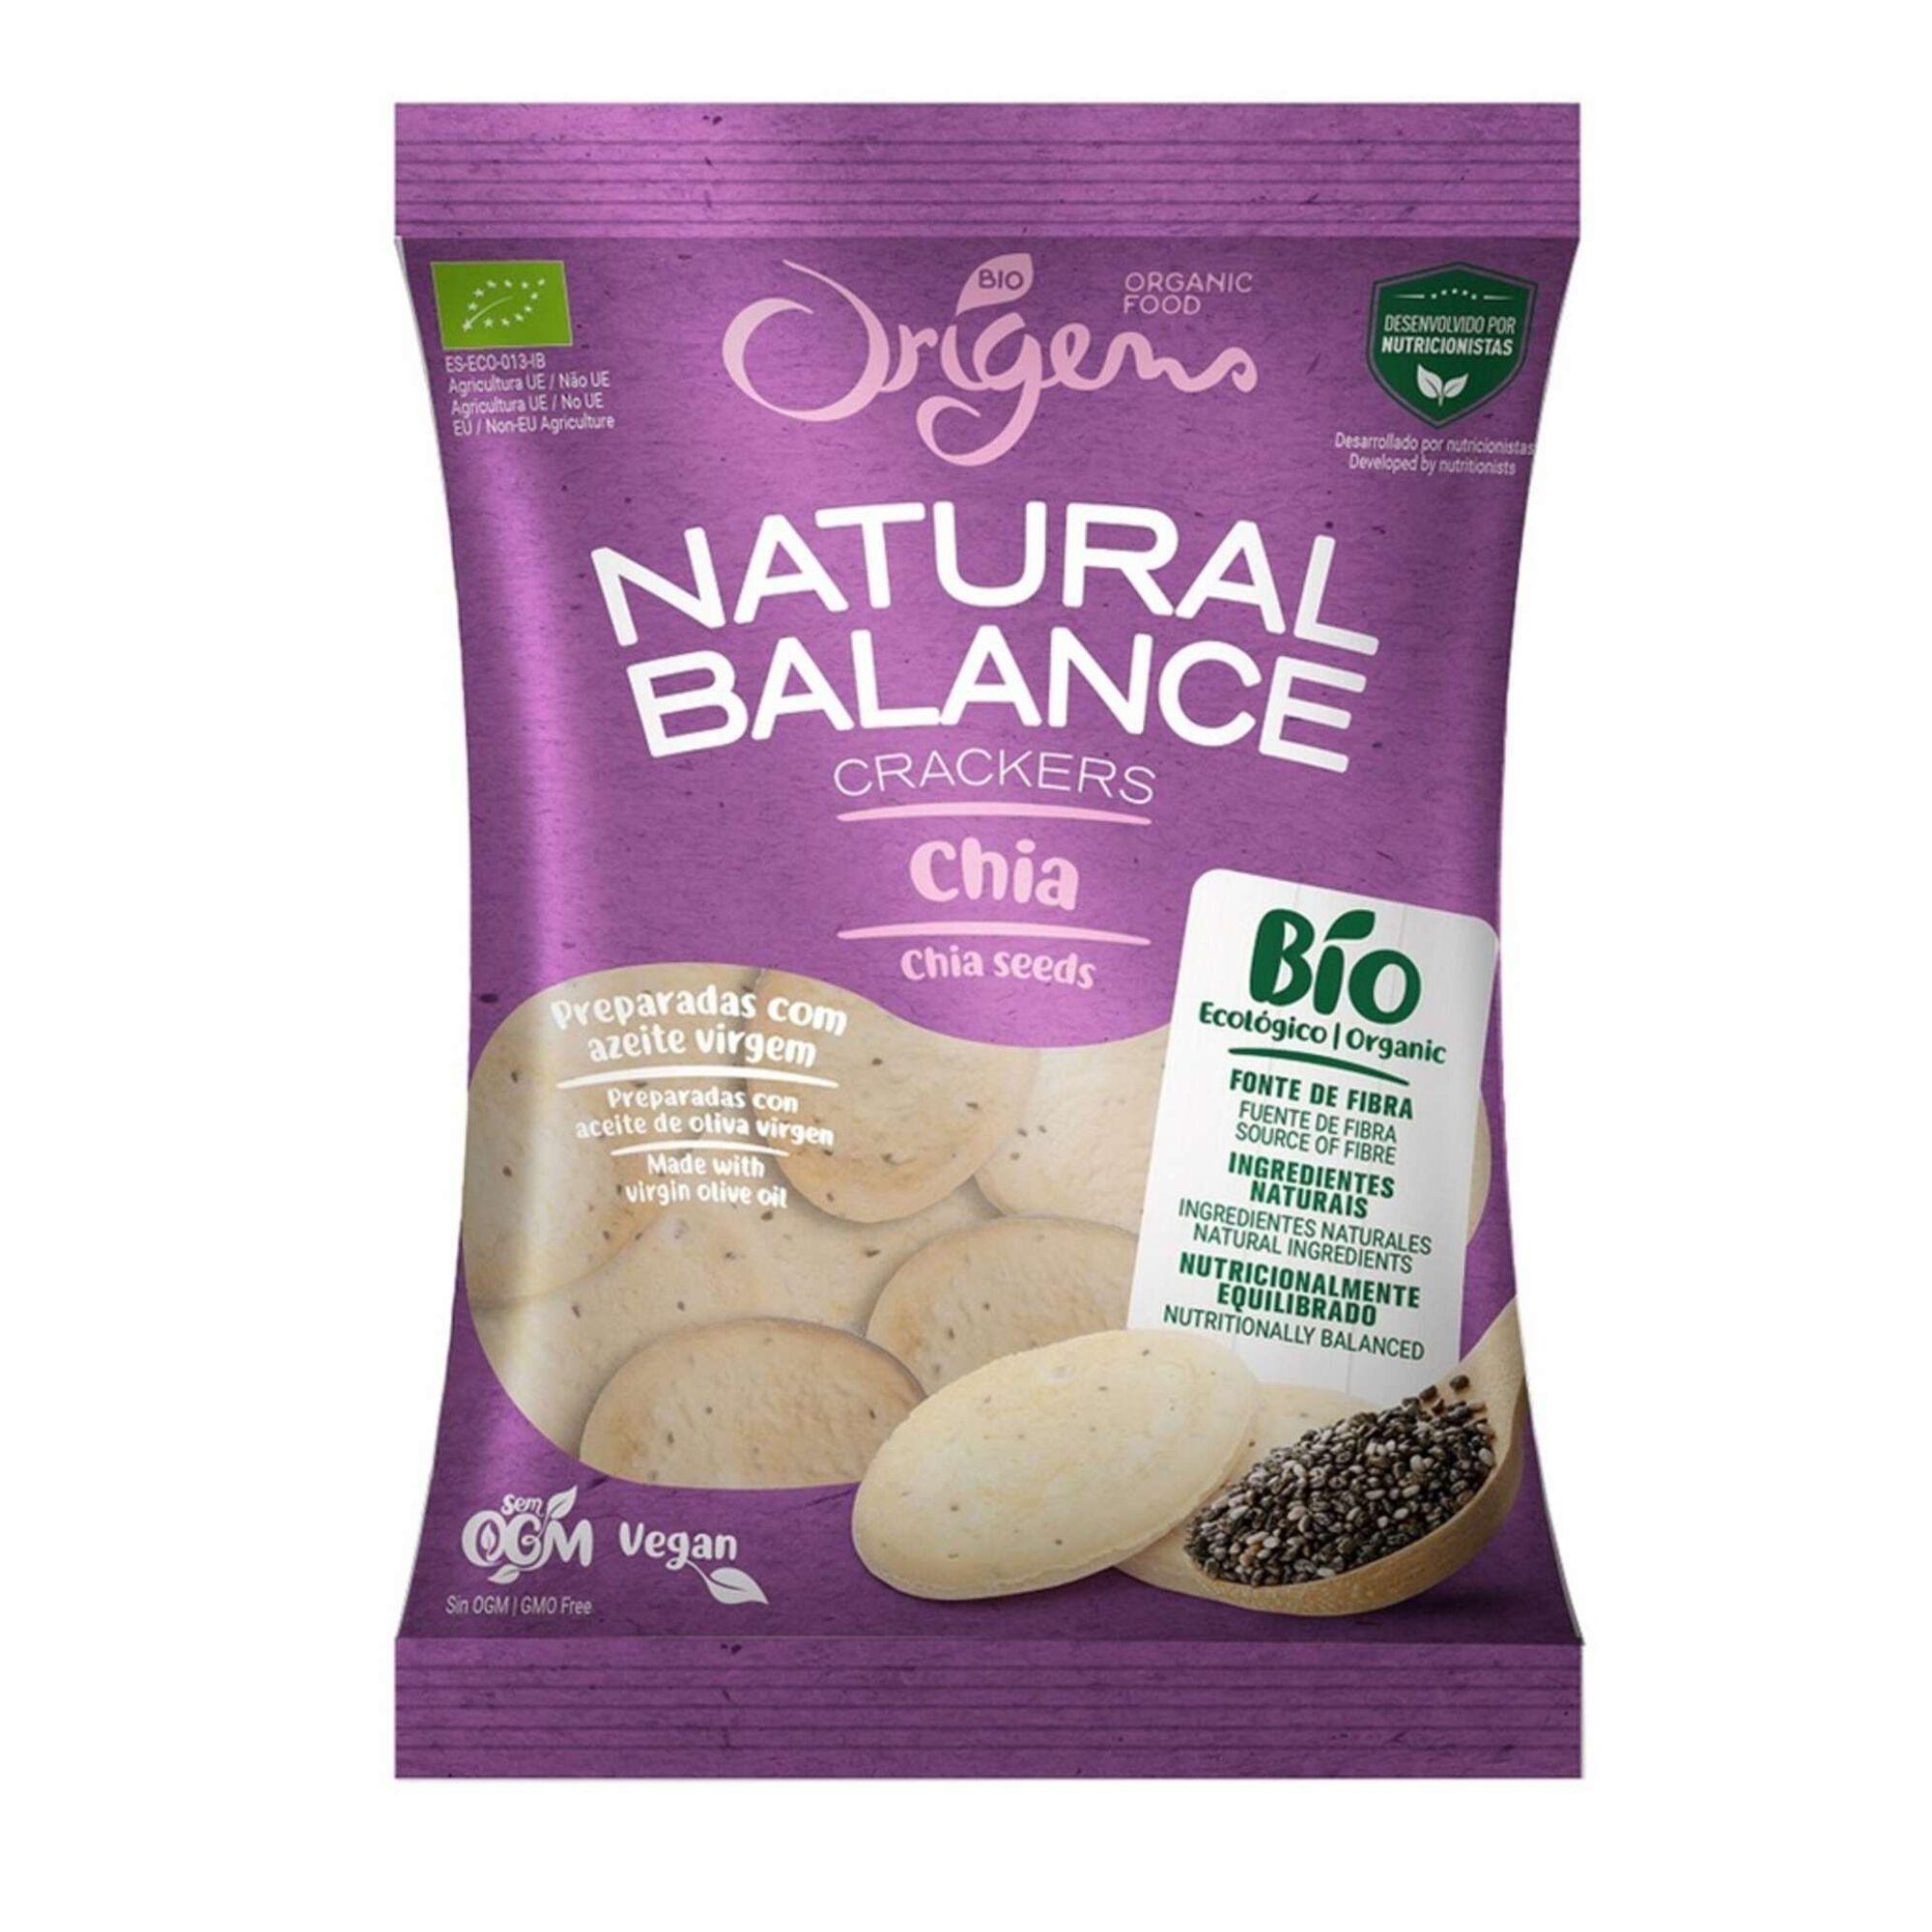 Bolachas Crackers com Chia Natural Balance Biológicas